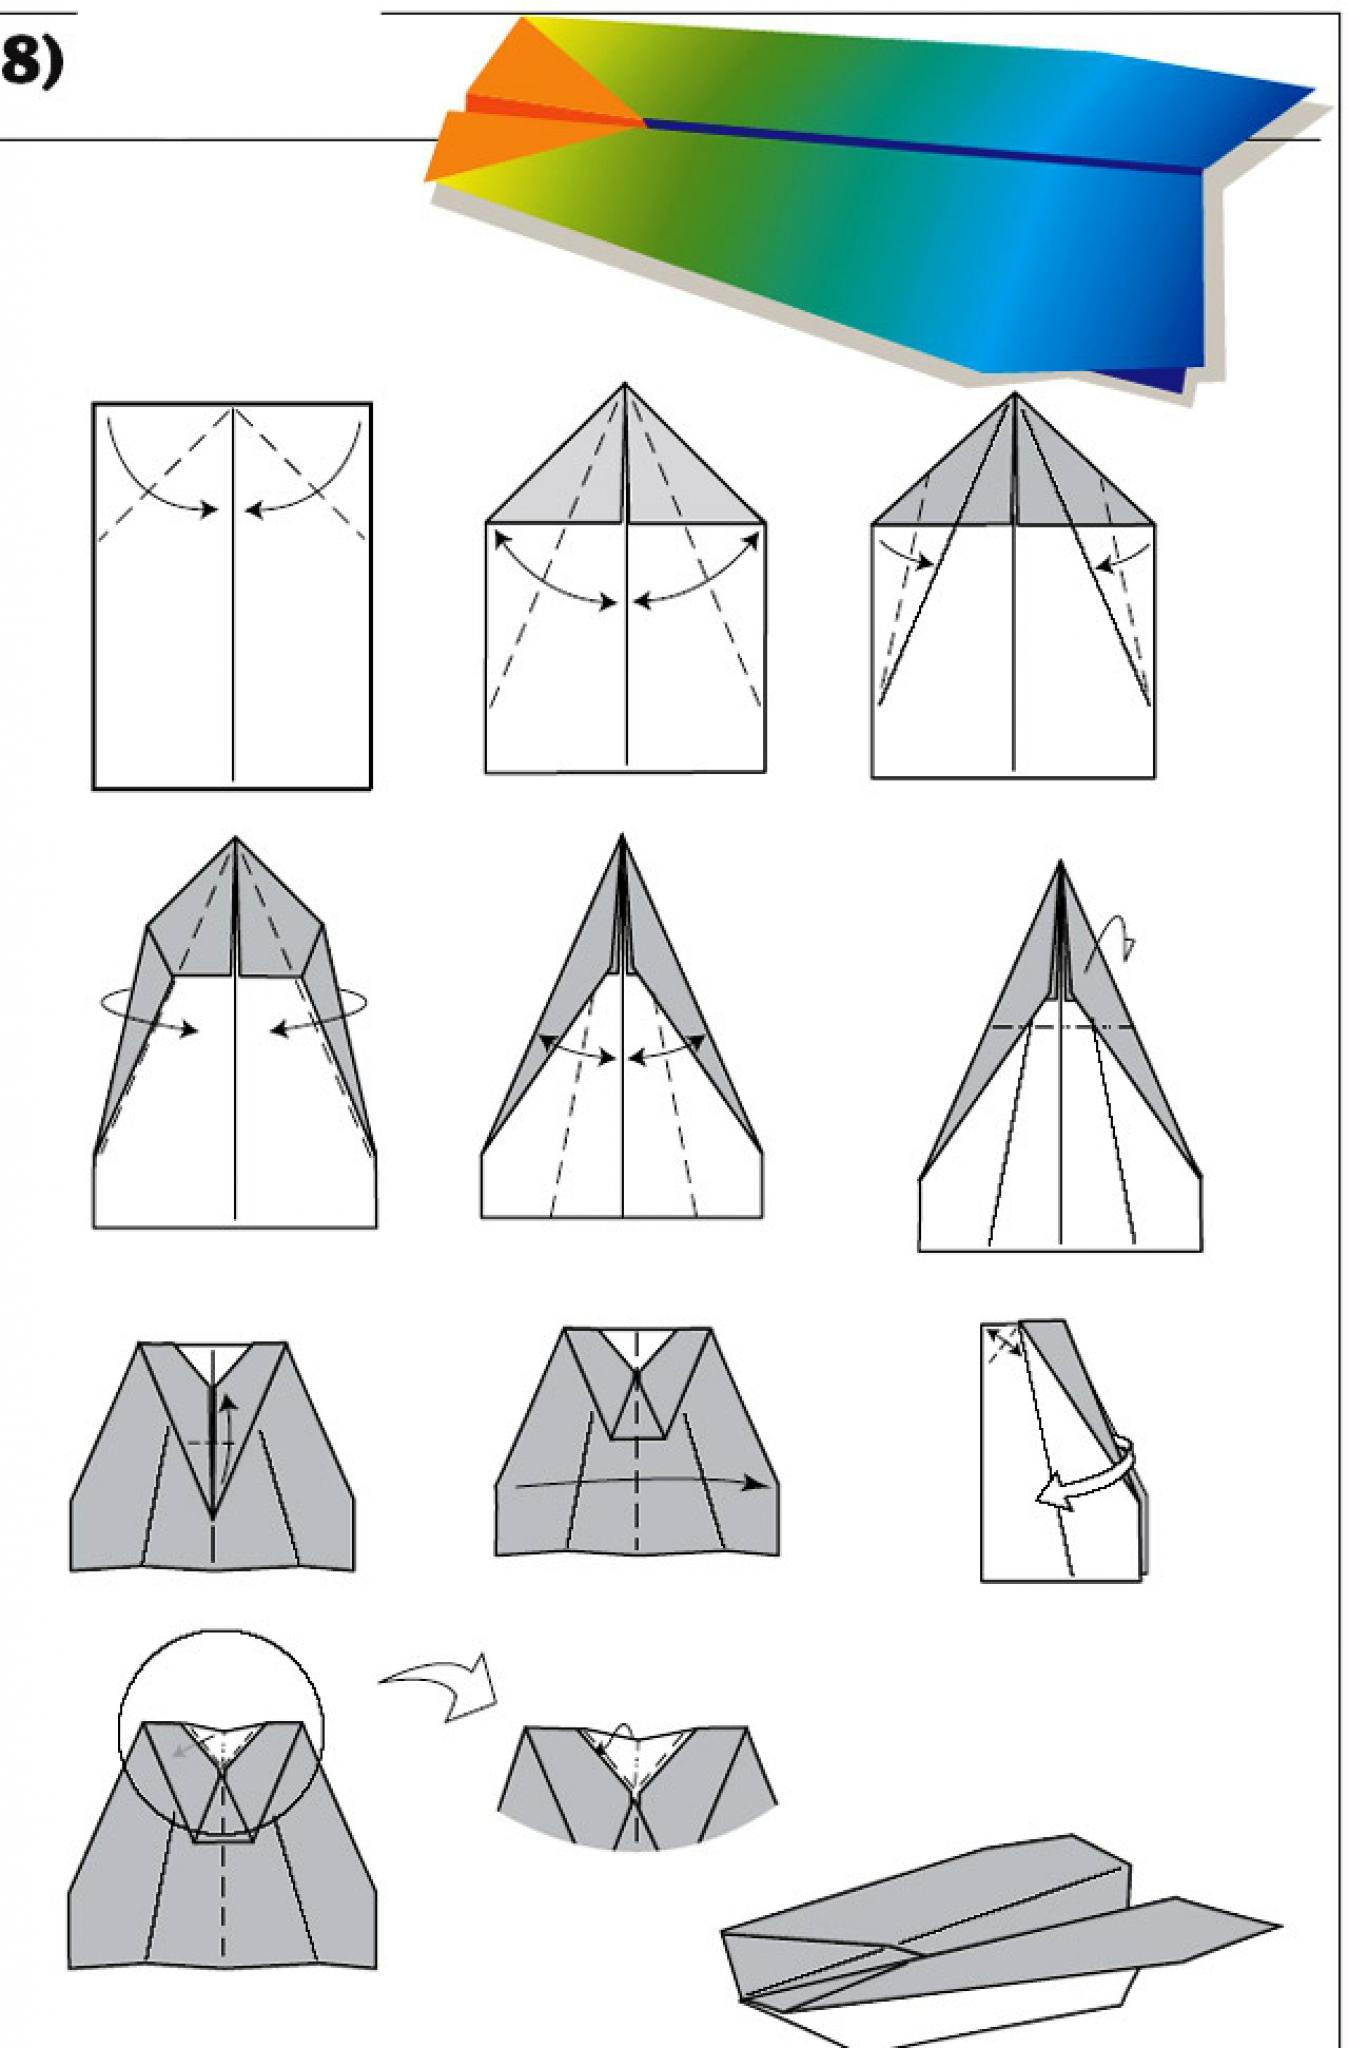 Как сделать самолет из бумаги чтобы он летал с пропеллером